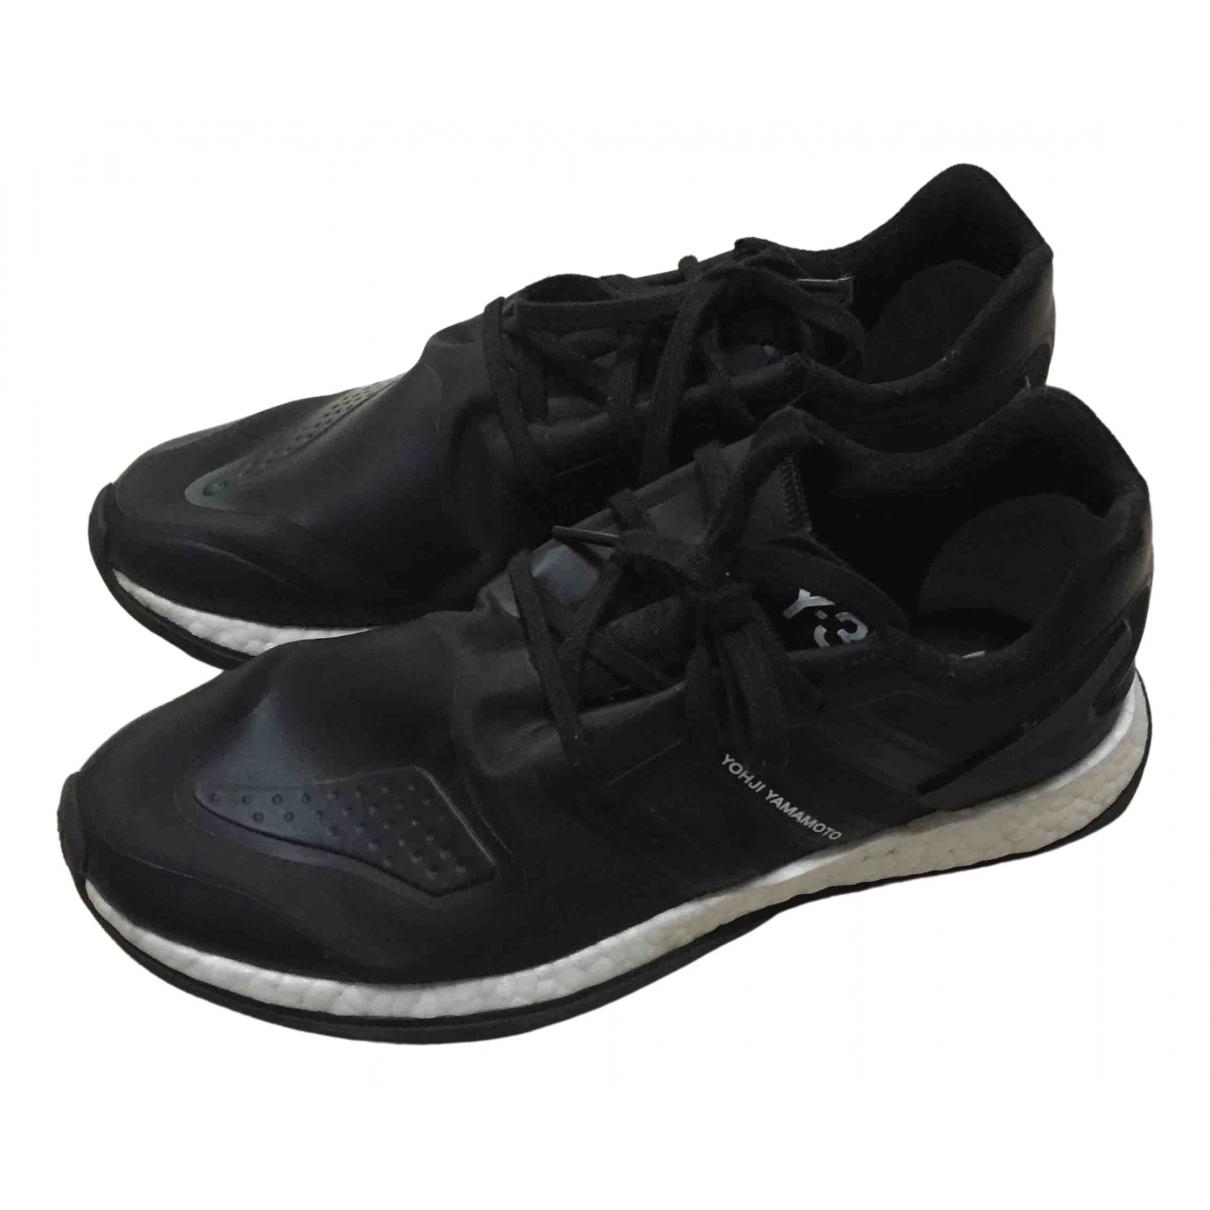 Y-3 By Yohji Yamamoto - Baskets   pour homme en caoutchouc - noir